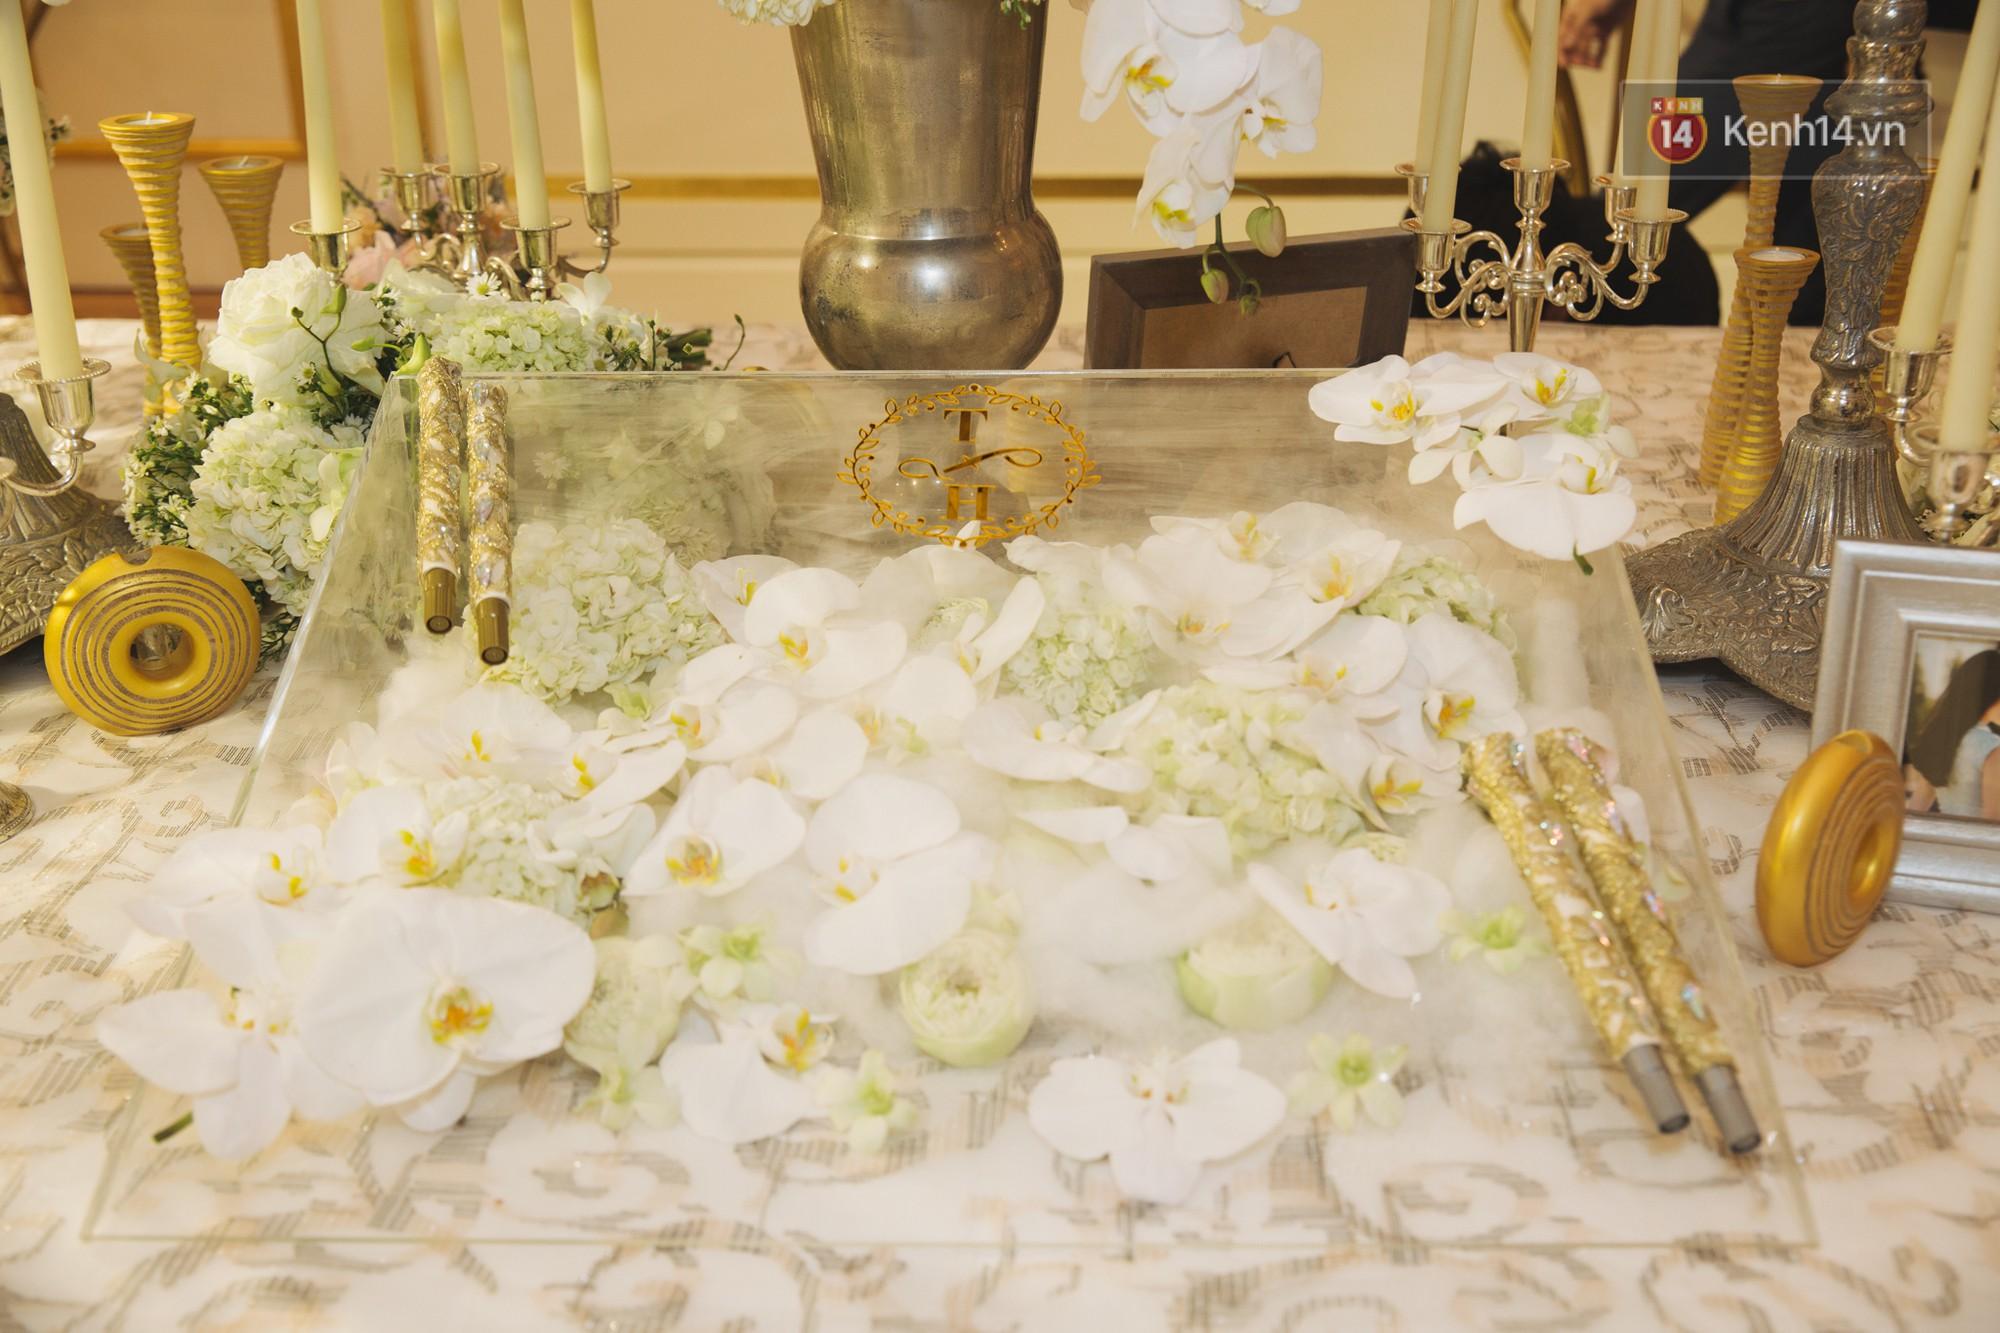 Hé lộ không gian cưới sang trọng của ca sĩ Lê Hiếu và bà xã Thu Trang - Ảnh 9.